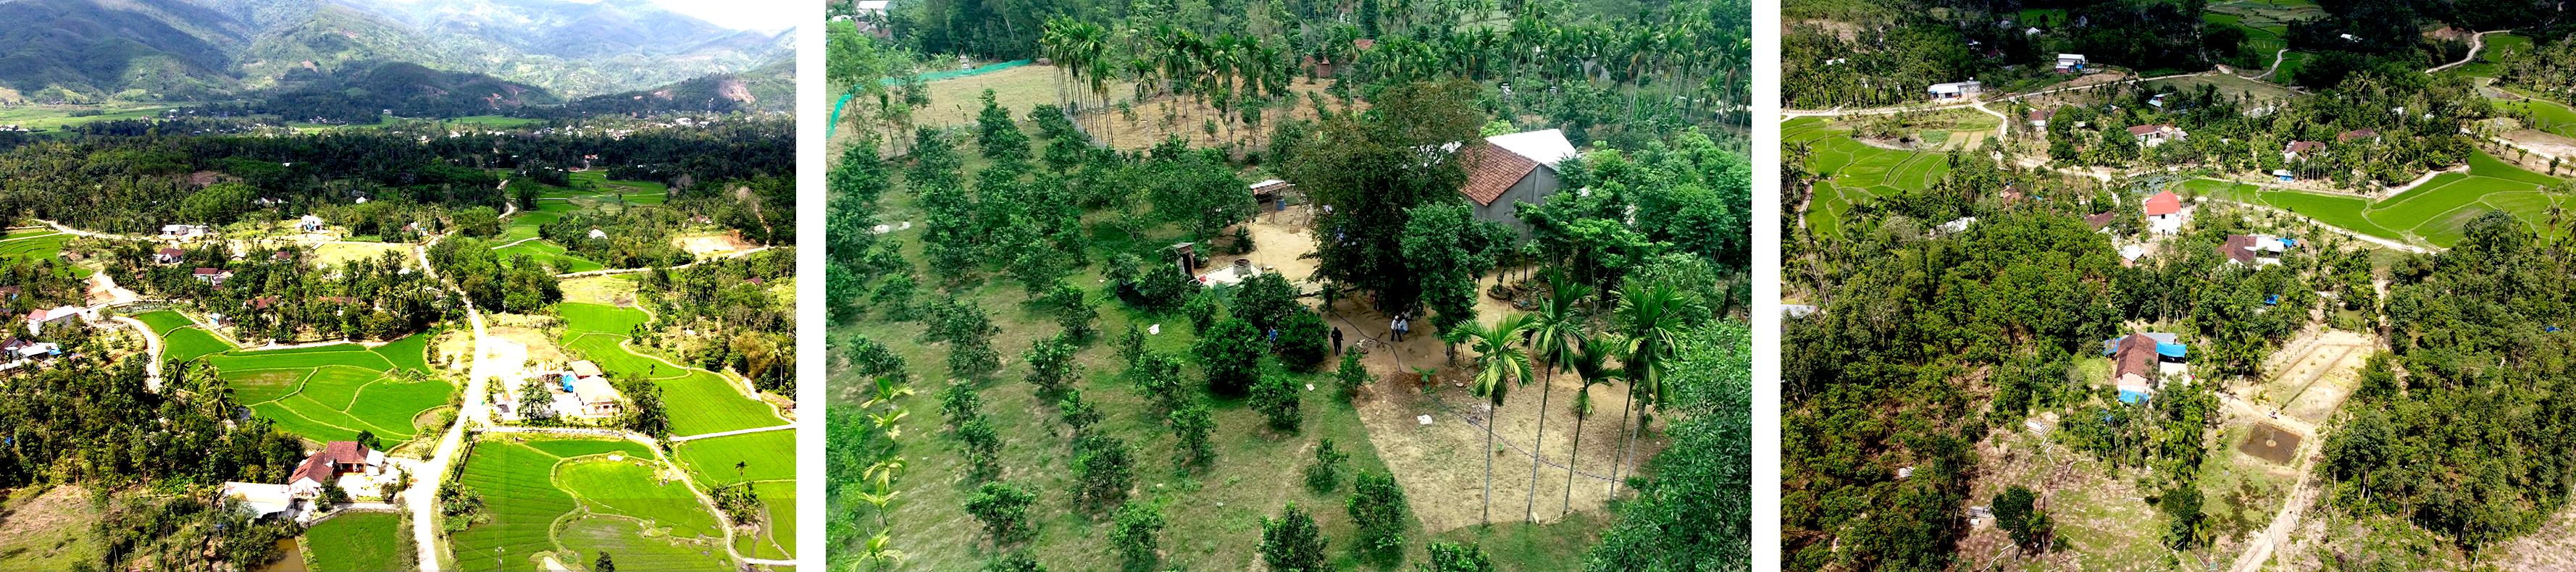 Quy hoạch kinh tế vườn qua góc nhìn flycam. Ảnh: Q.Q.Y